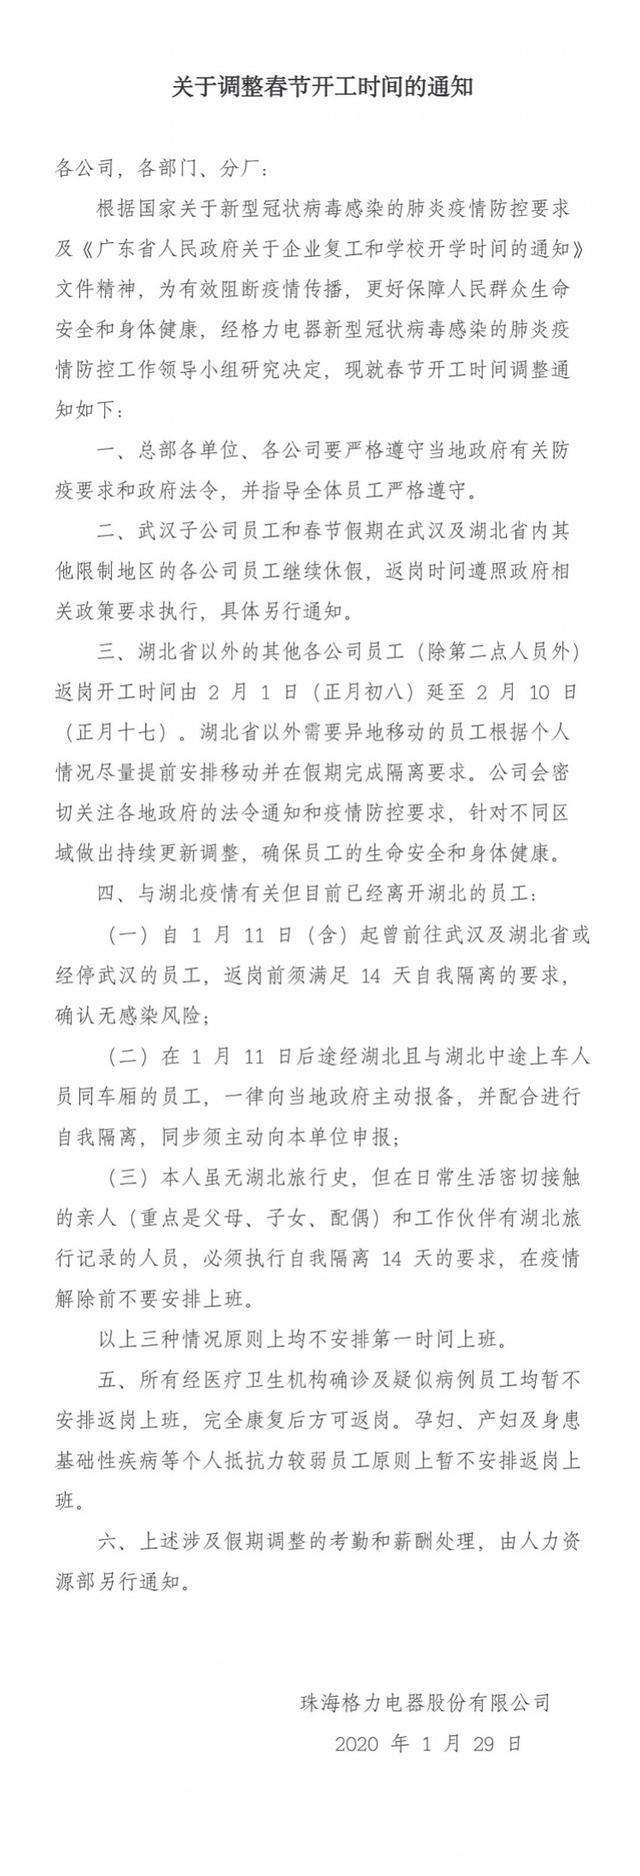 格力宣布调整春节开工时间:湖北以外员工2月10日返岗开工